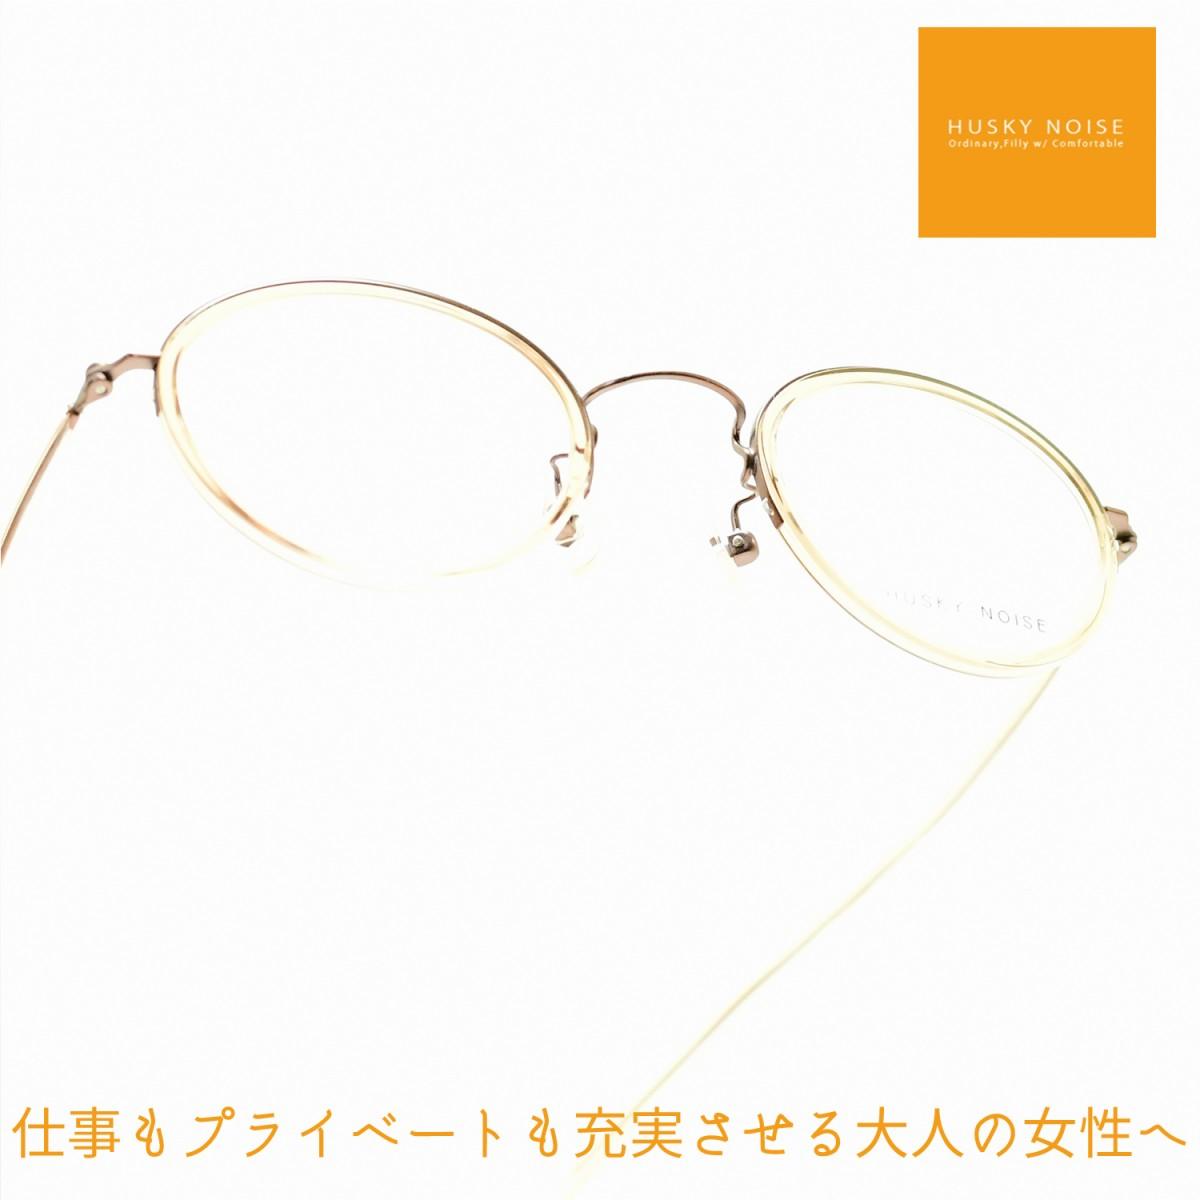 HUSKY NOISE ハスキーノイズH-179 col-2メガネ 眼鏡 めがね メンズ レディース おしゃれ ブランド 人気 おすすめ フレーム 流行り 度付き レンズ